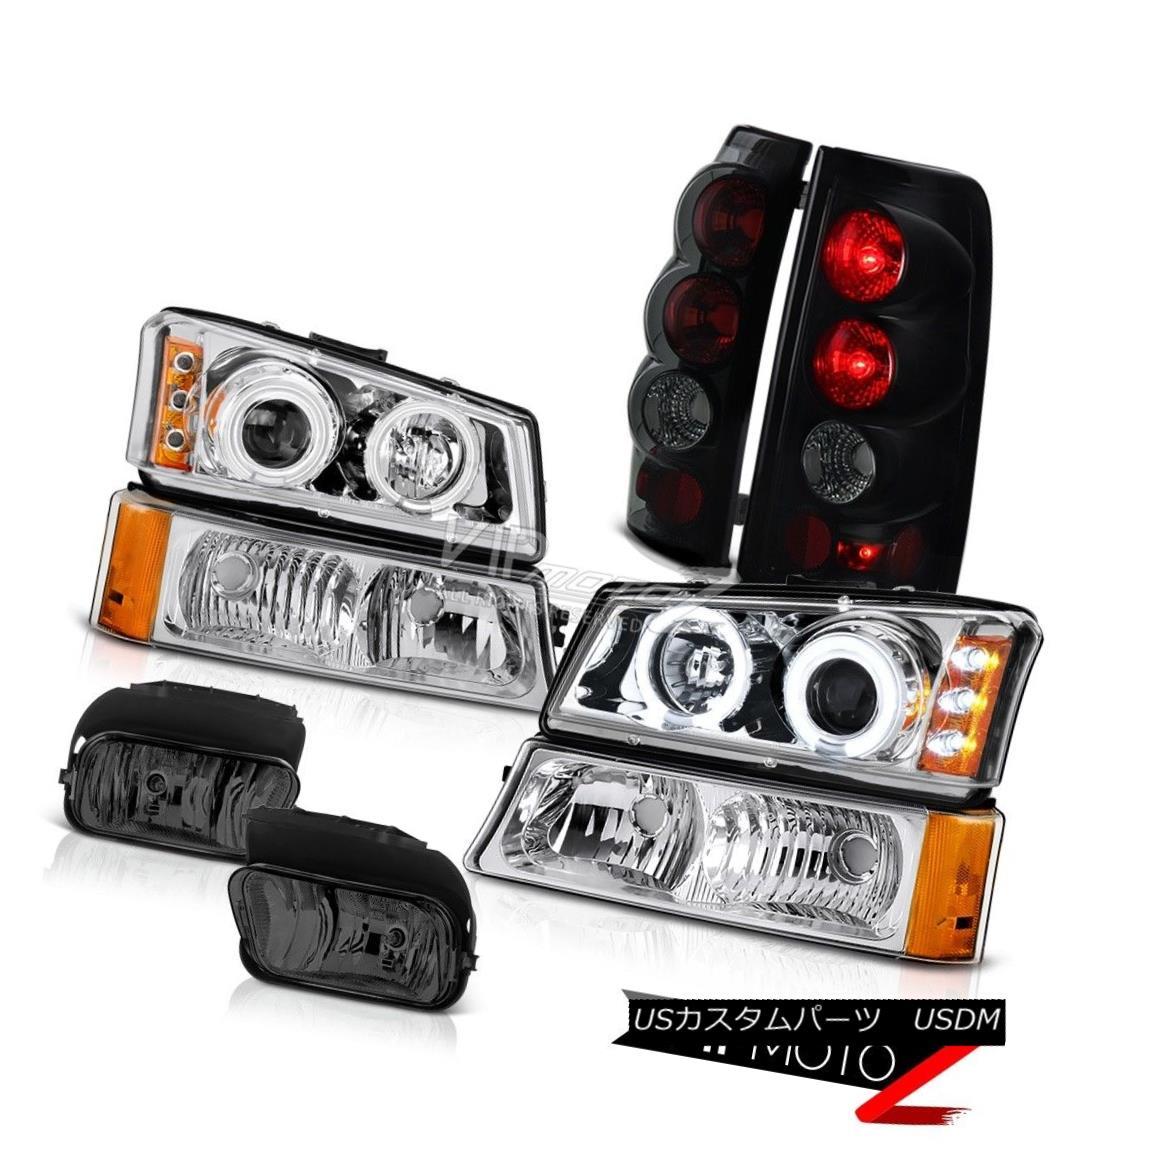 ヘッドライト 03-06 Chevy Silverado Projector Headlight CCFL Halo Sinister Brake Lamp Foglamps 03-06 Chevy SilveradoプロジェクターヘッドライトCCFL Halo Sinisterブレーキランプフォグランプ